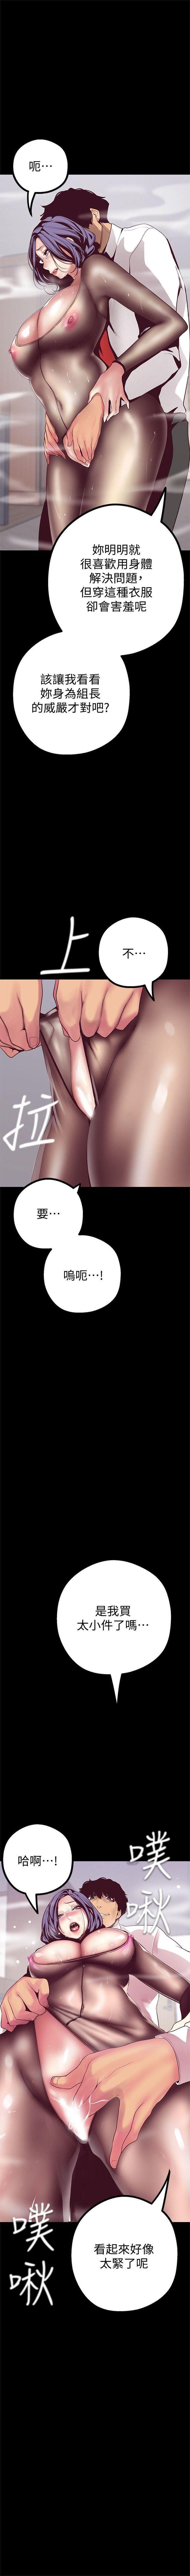 (周6)美丽新世界 1-61 中文翻译 (更新中) 131